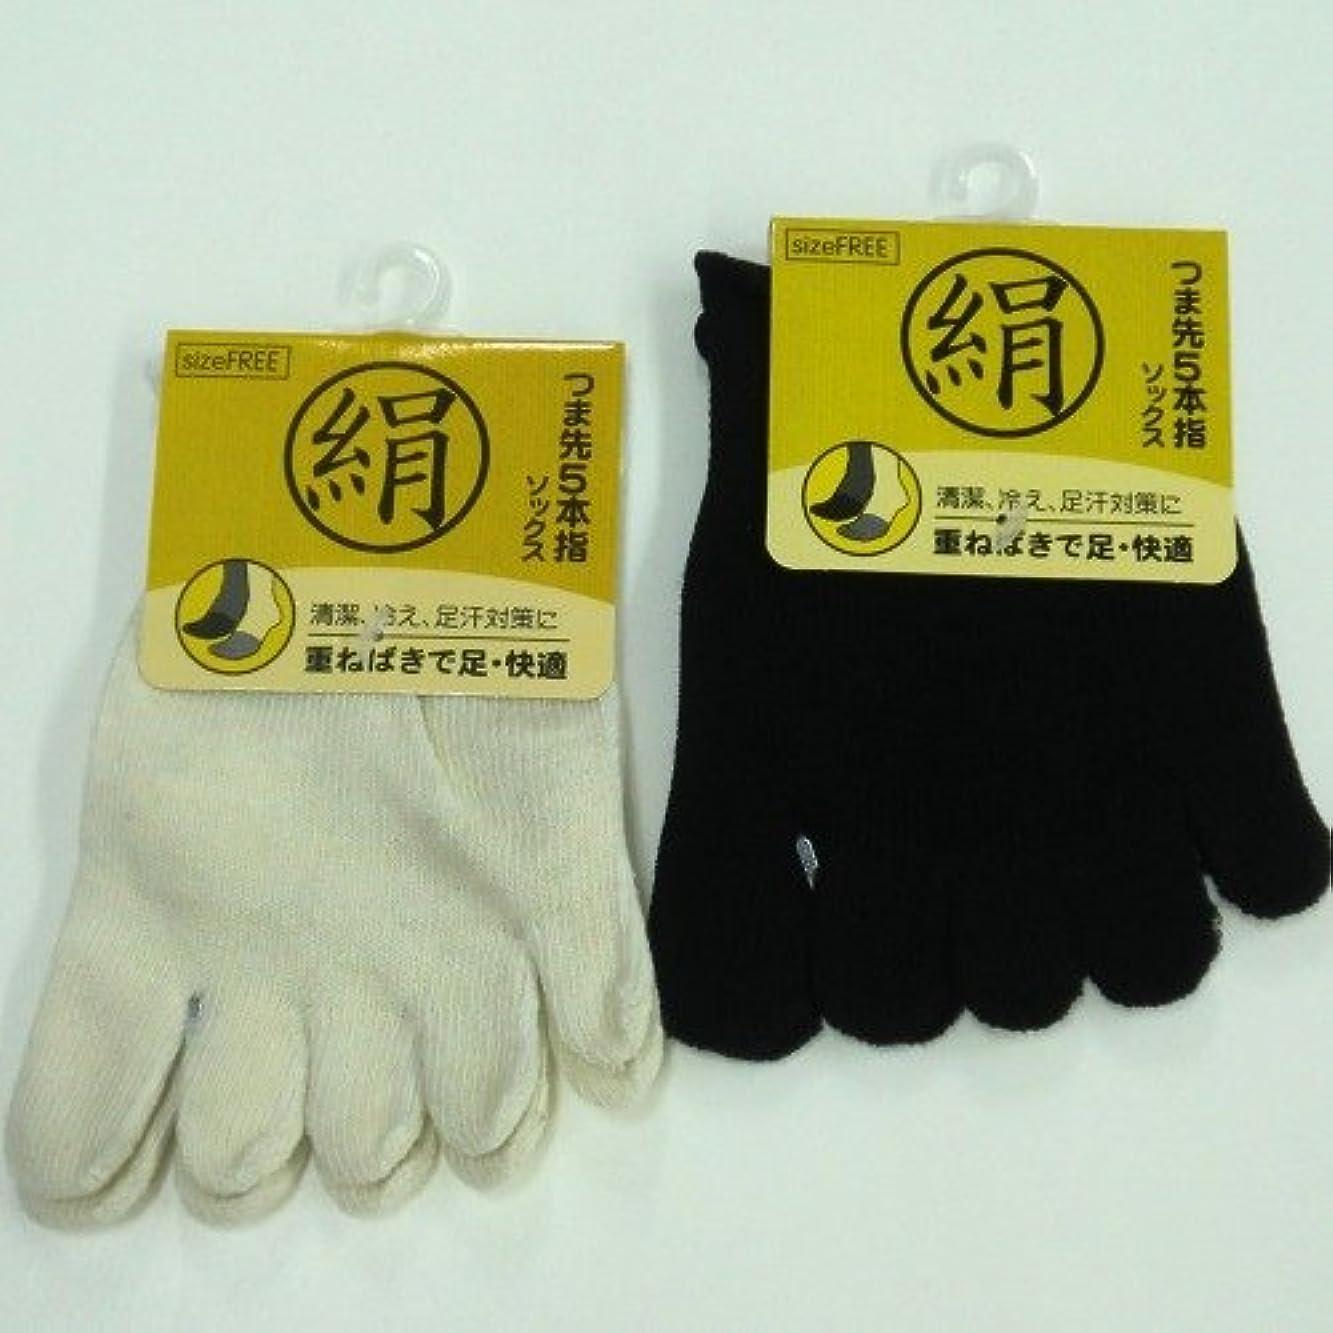 蓋ベンチャー衣類5本指ソックス つま先 ハーフソックス 足指カバー 天然素材絹で抗菌防臭 お買得5足組 (色はお任せ)